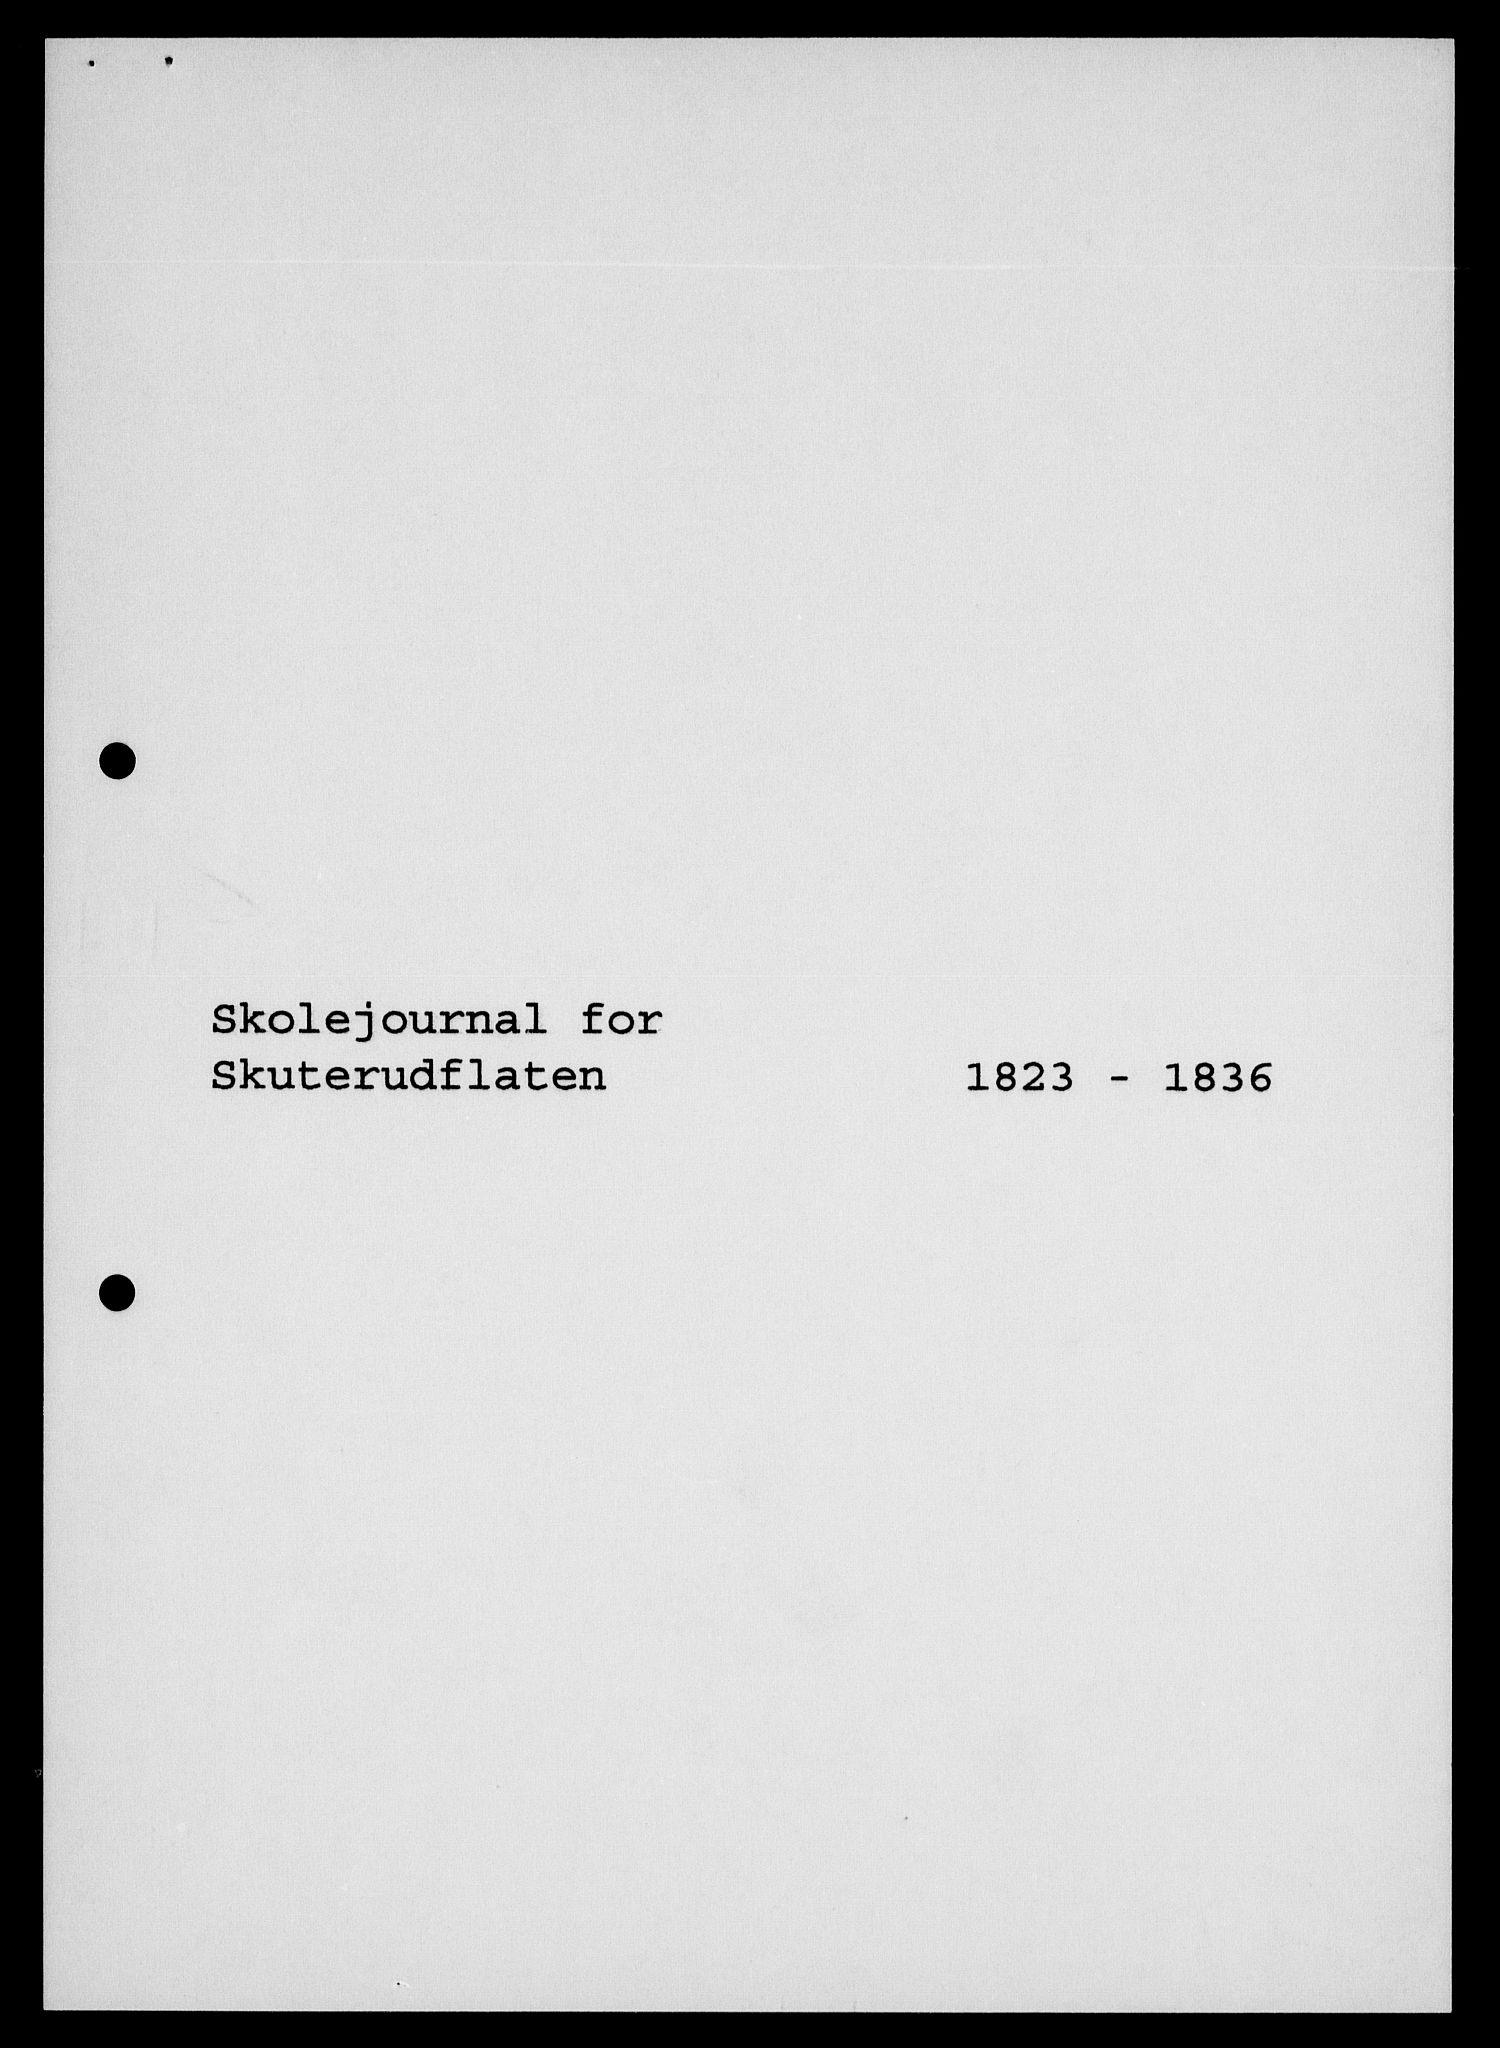 RA, Modums Blaafarveværk, G/Gi/L0381, 1823-1848, s. 82